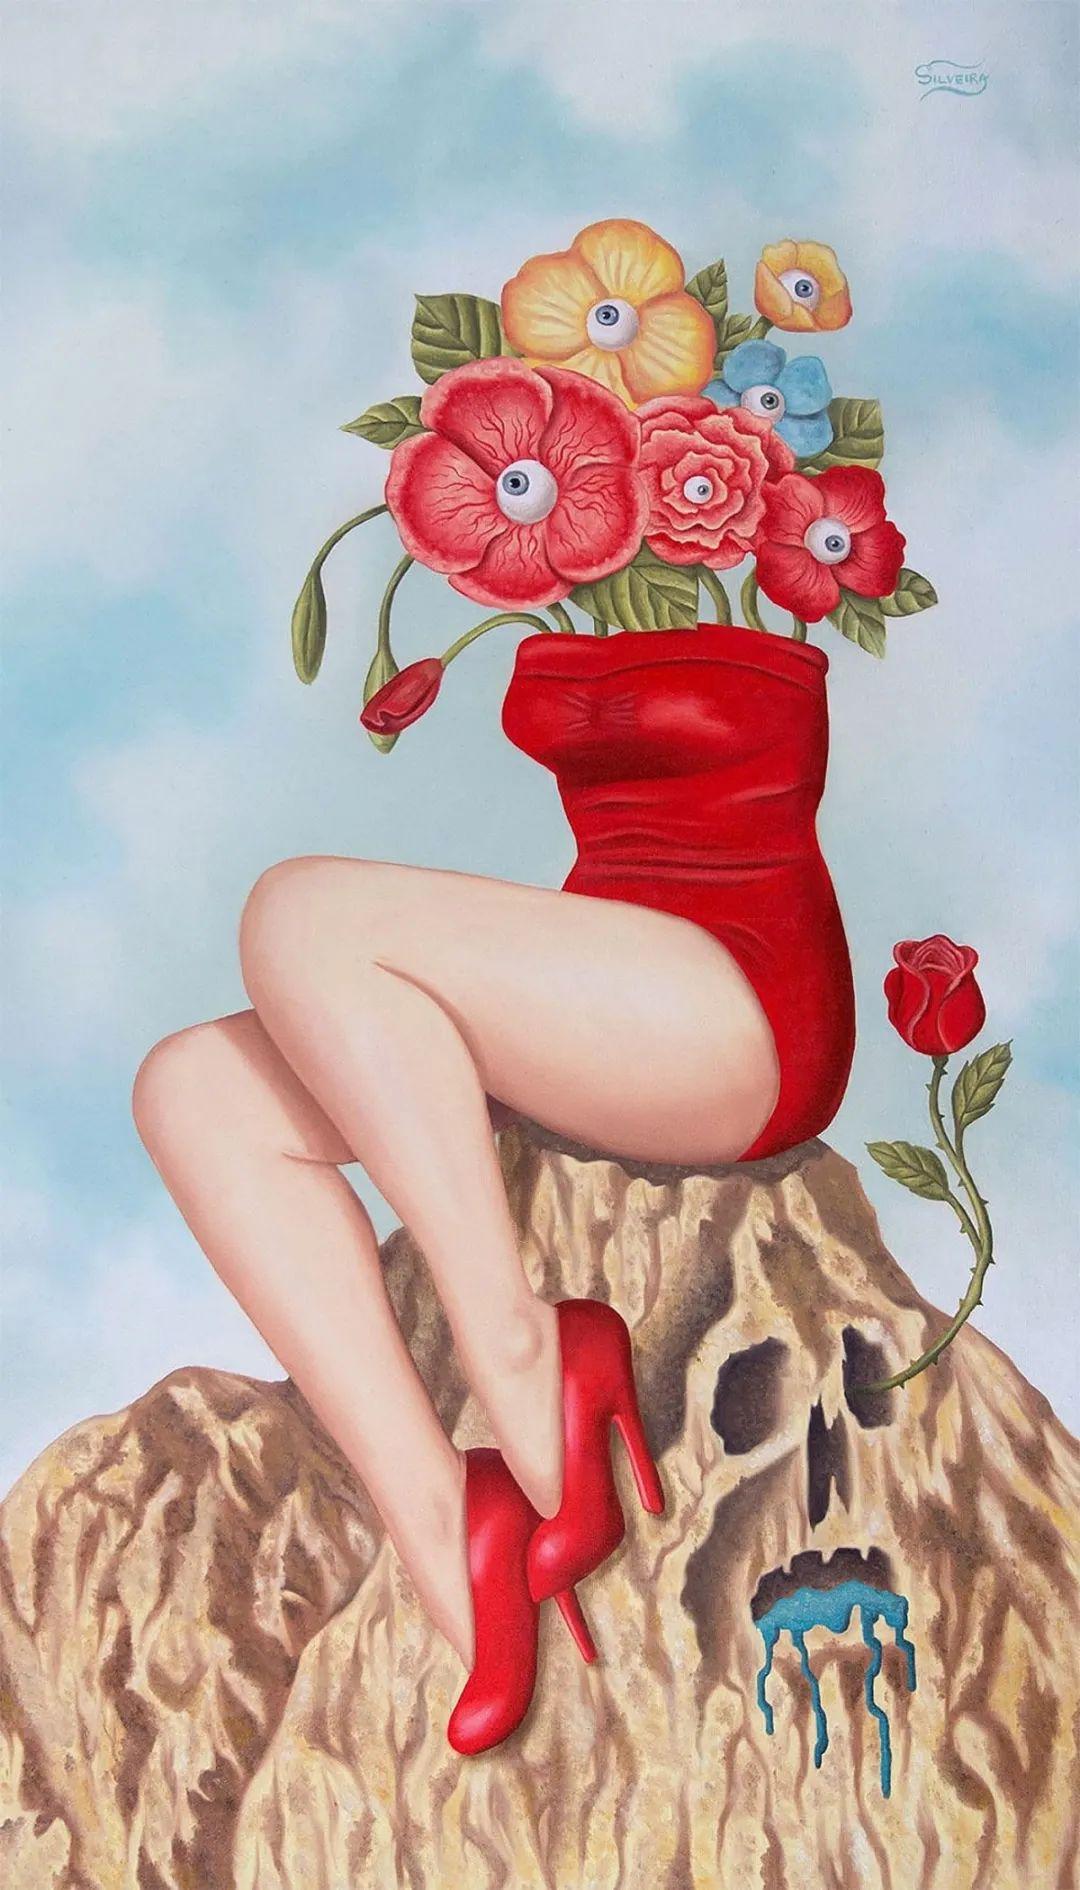 超凡的想象力,Rafael Silveira超现实主义肖像插画插图3